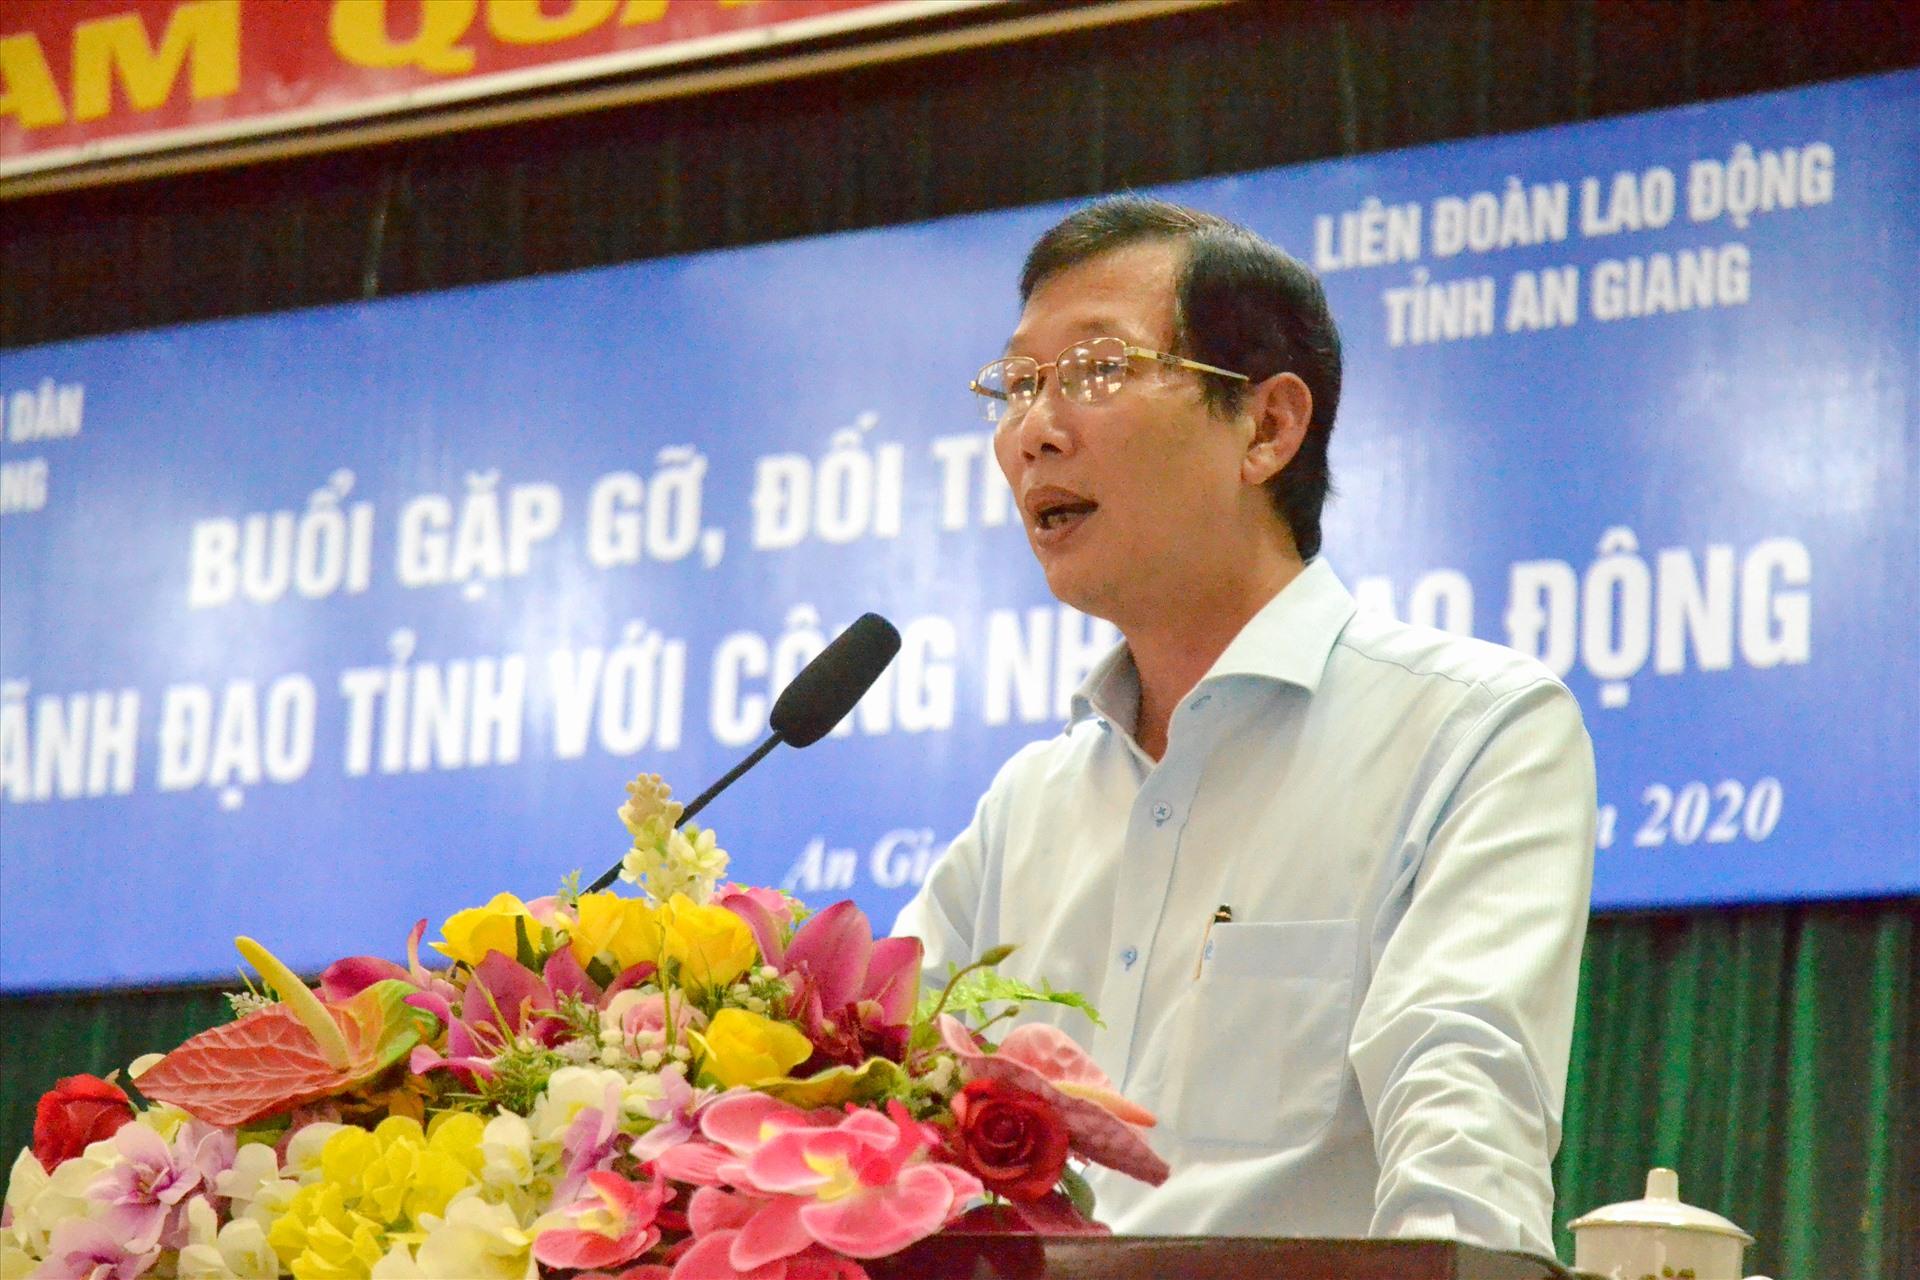 Phó Chủ tịch UBND tỉnh An Giang Lê Văn Phước phát biểu tại sự kiện. Ảnh: LT